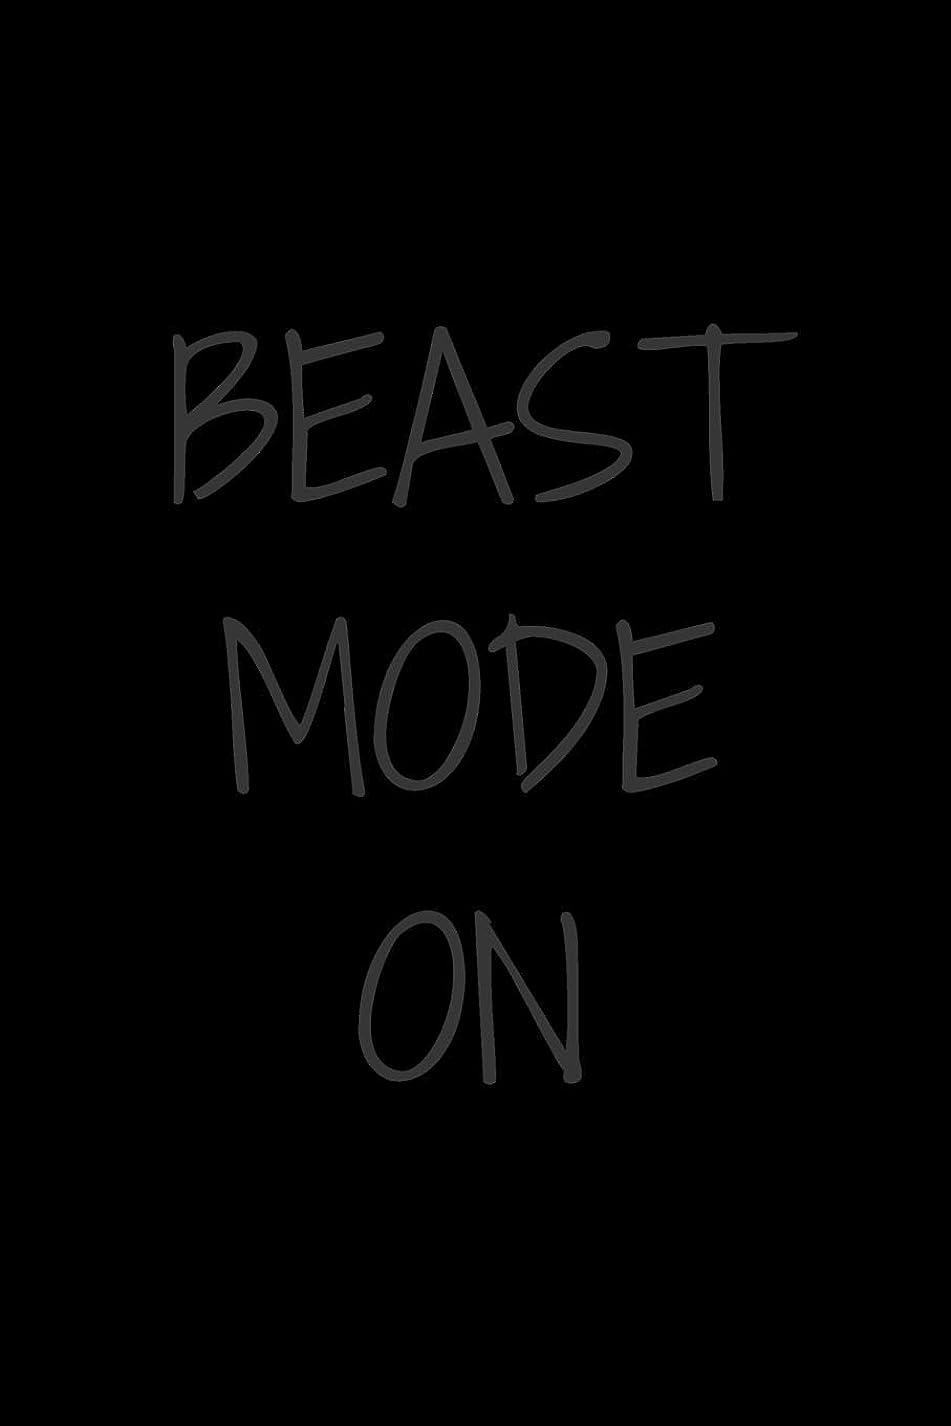 地下室絶縁するペルーBeast Mode On: Unleash your Potential   Workout Journal for Beasts   Perfect Gift for Gym Lovers